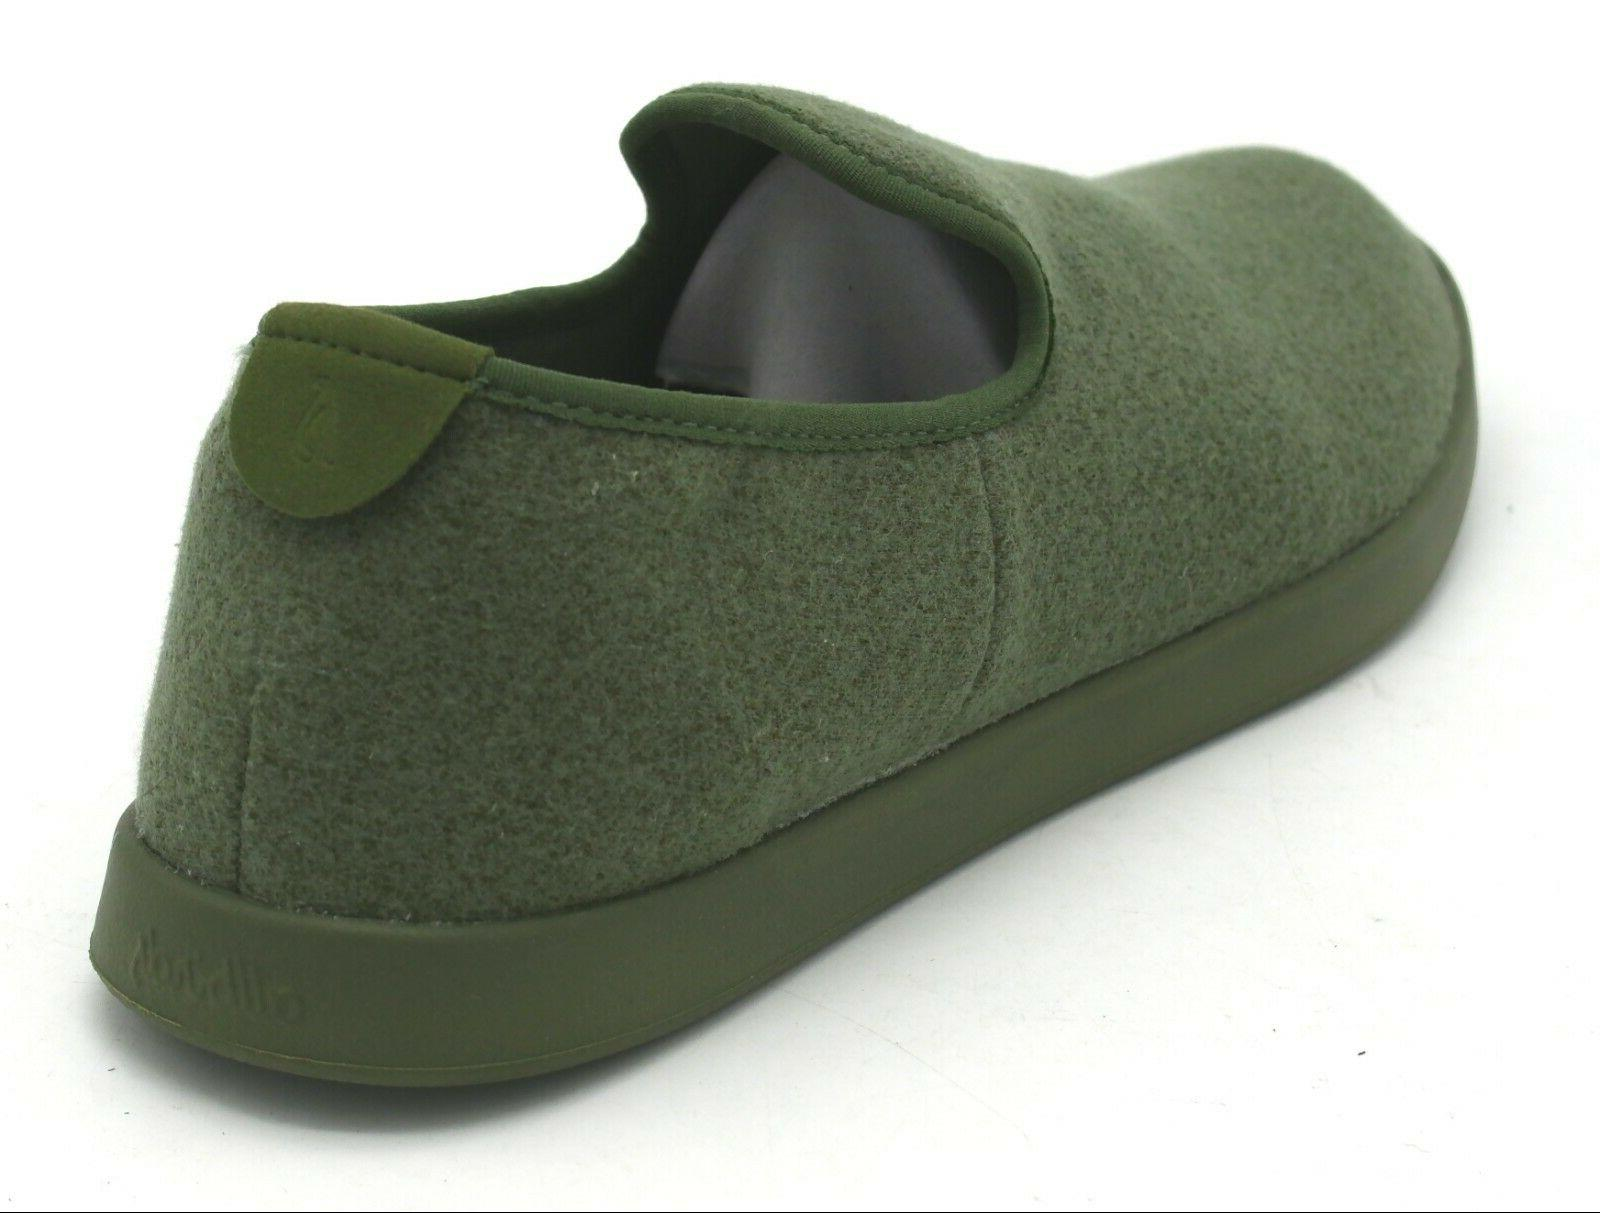 New Allbirds Lounger Loafer Black Moss Plum Gray